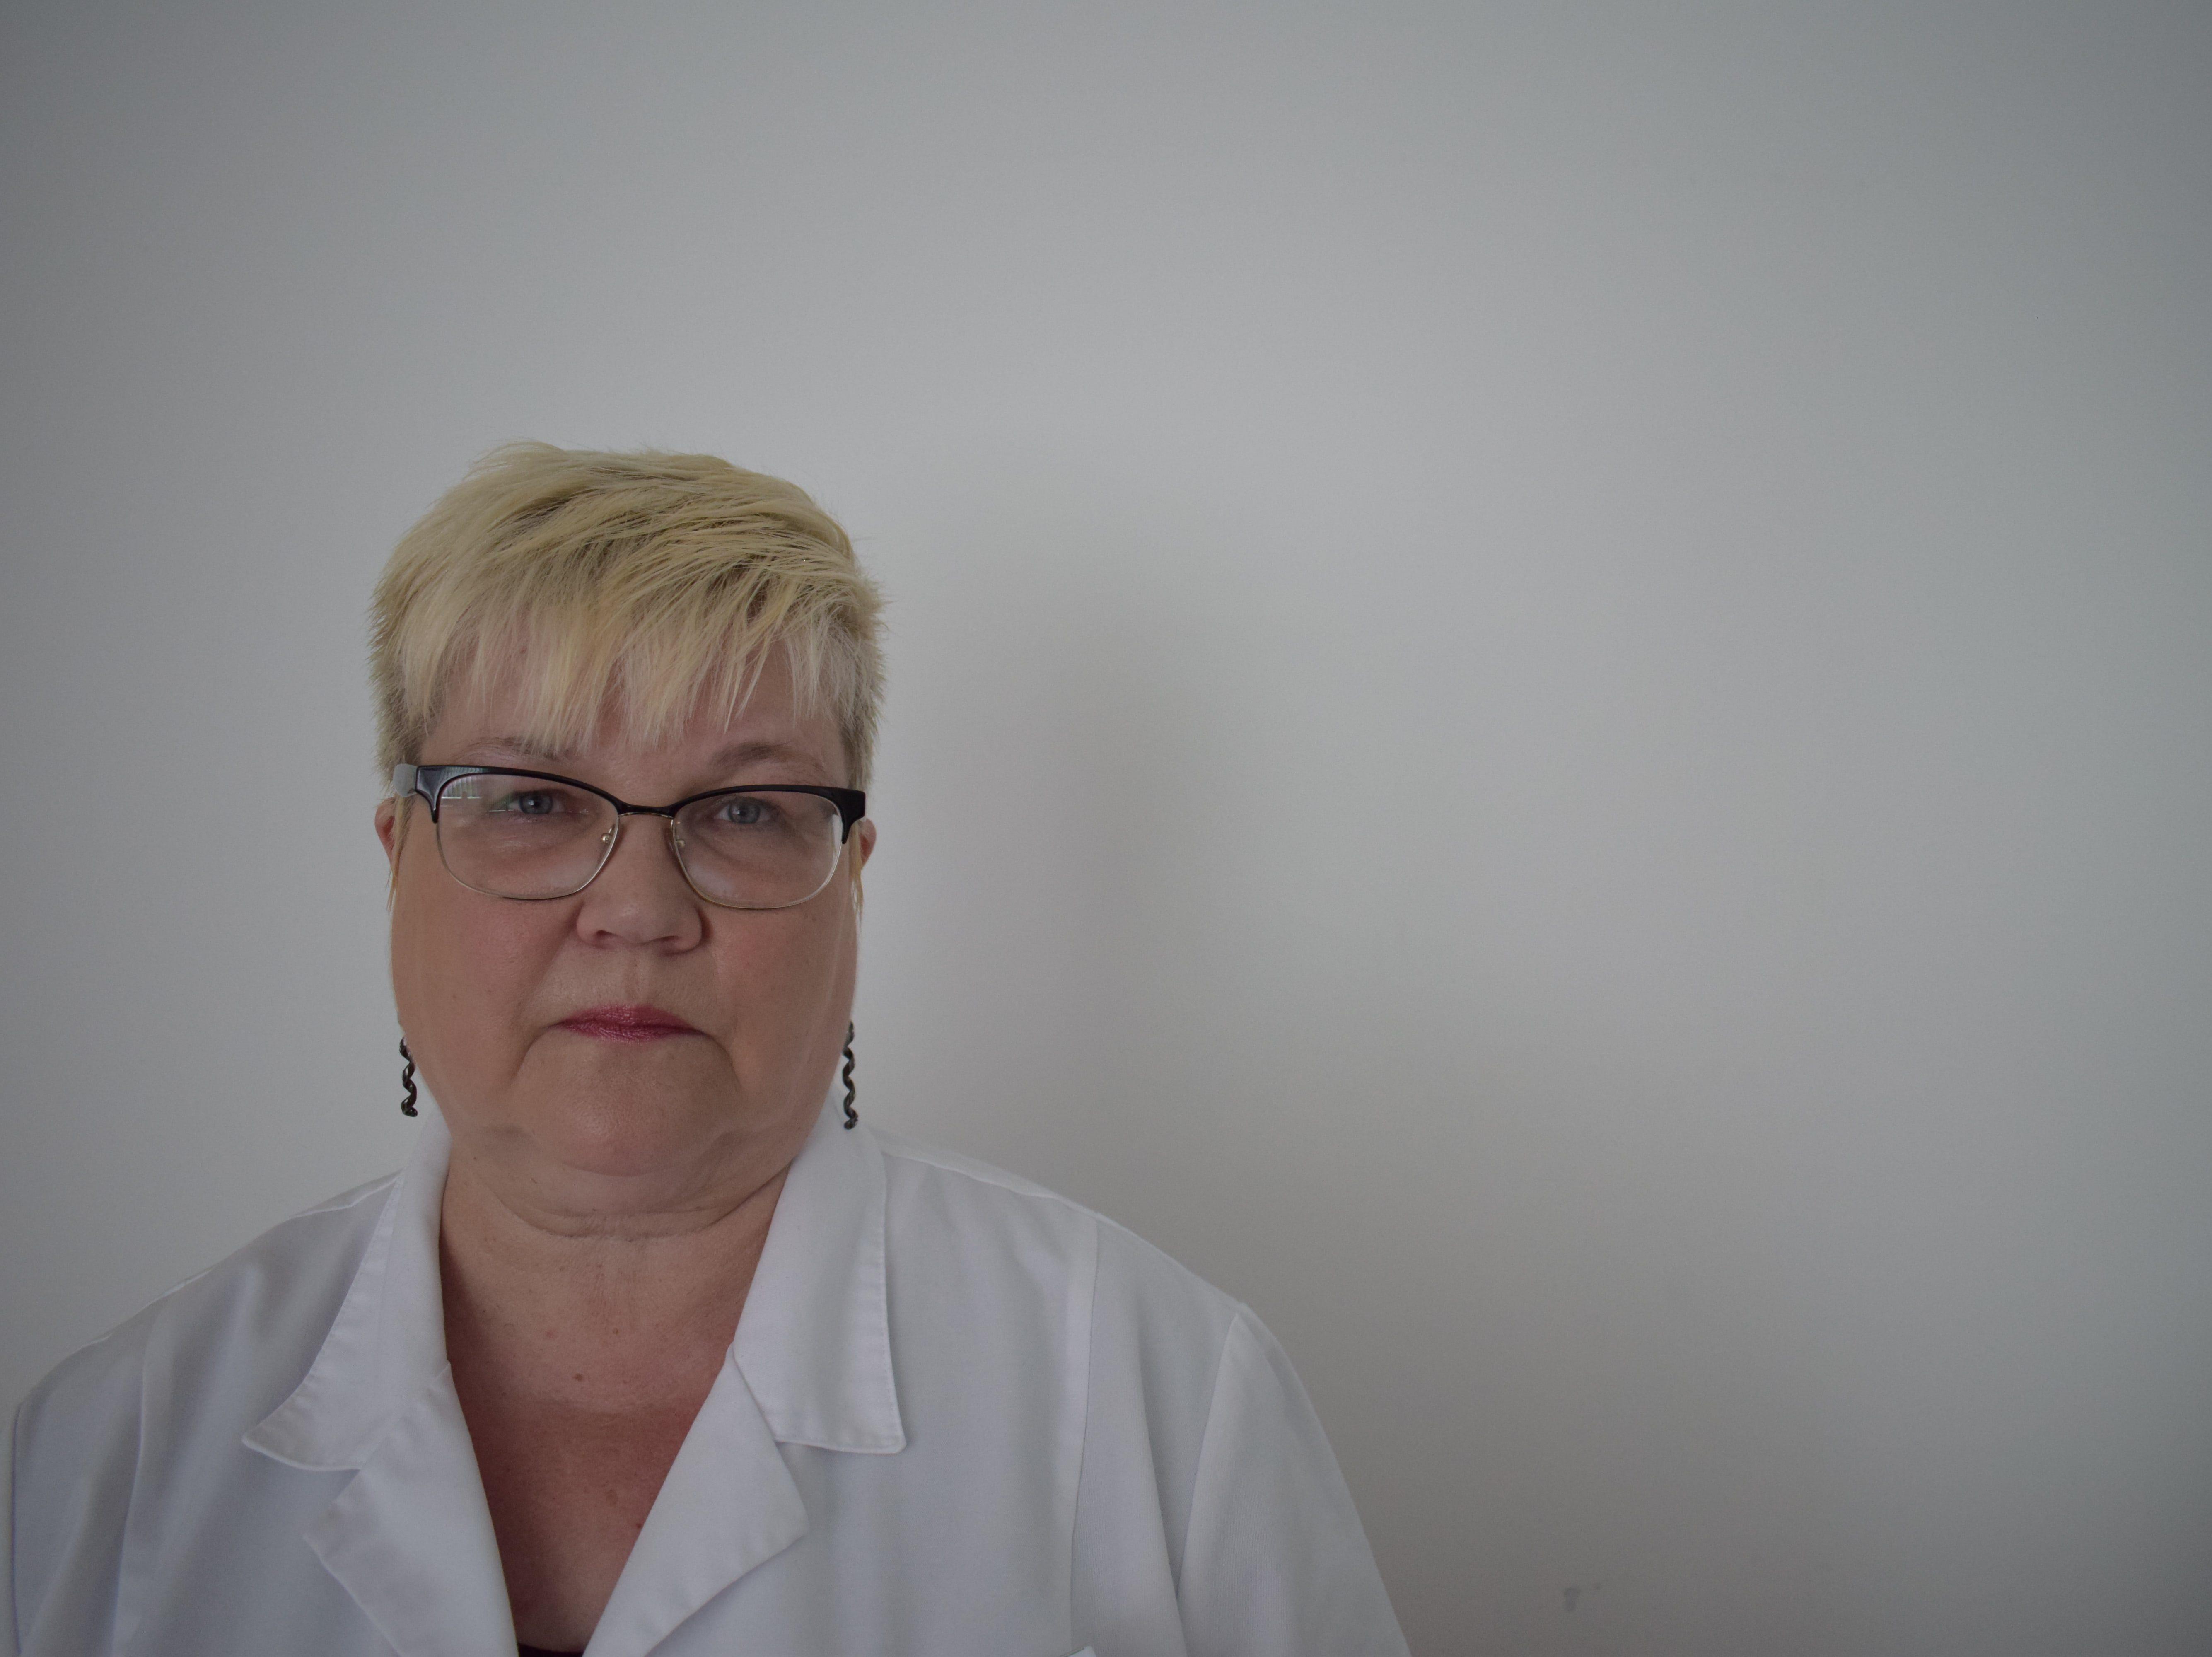 Ida-Tallinna Keskhaigla õendus- ja hooldusabikliiniku hingehoidja Rutti Proosa. Foto: Olivia Tammisto